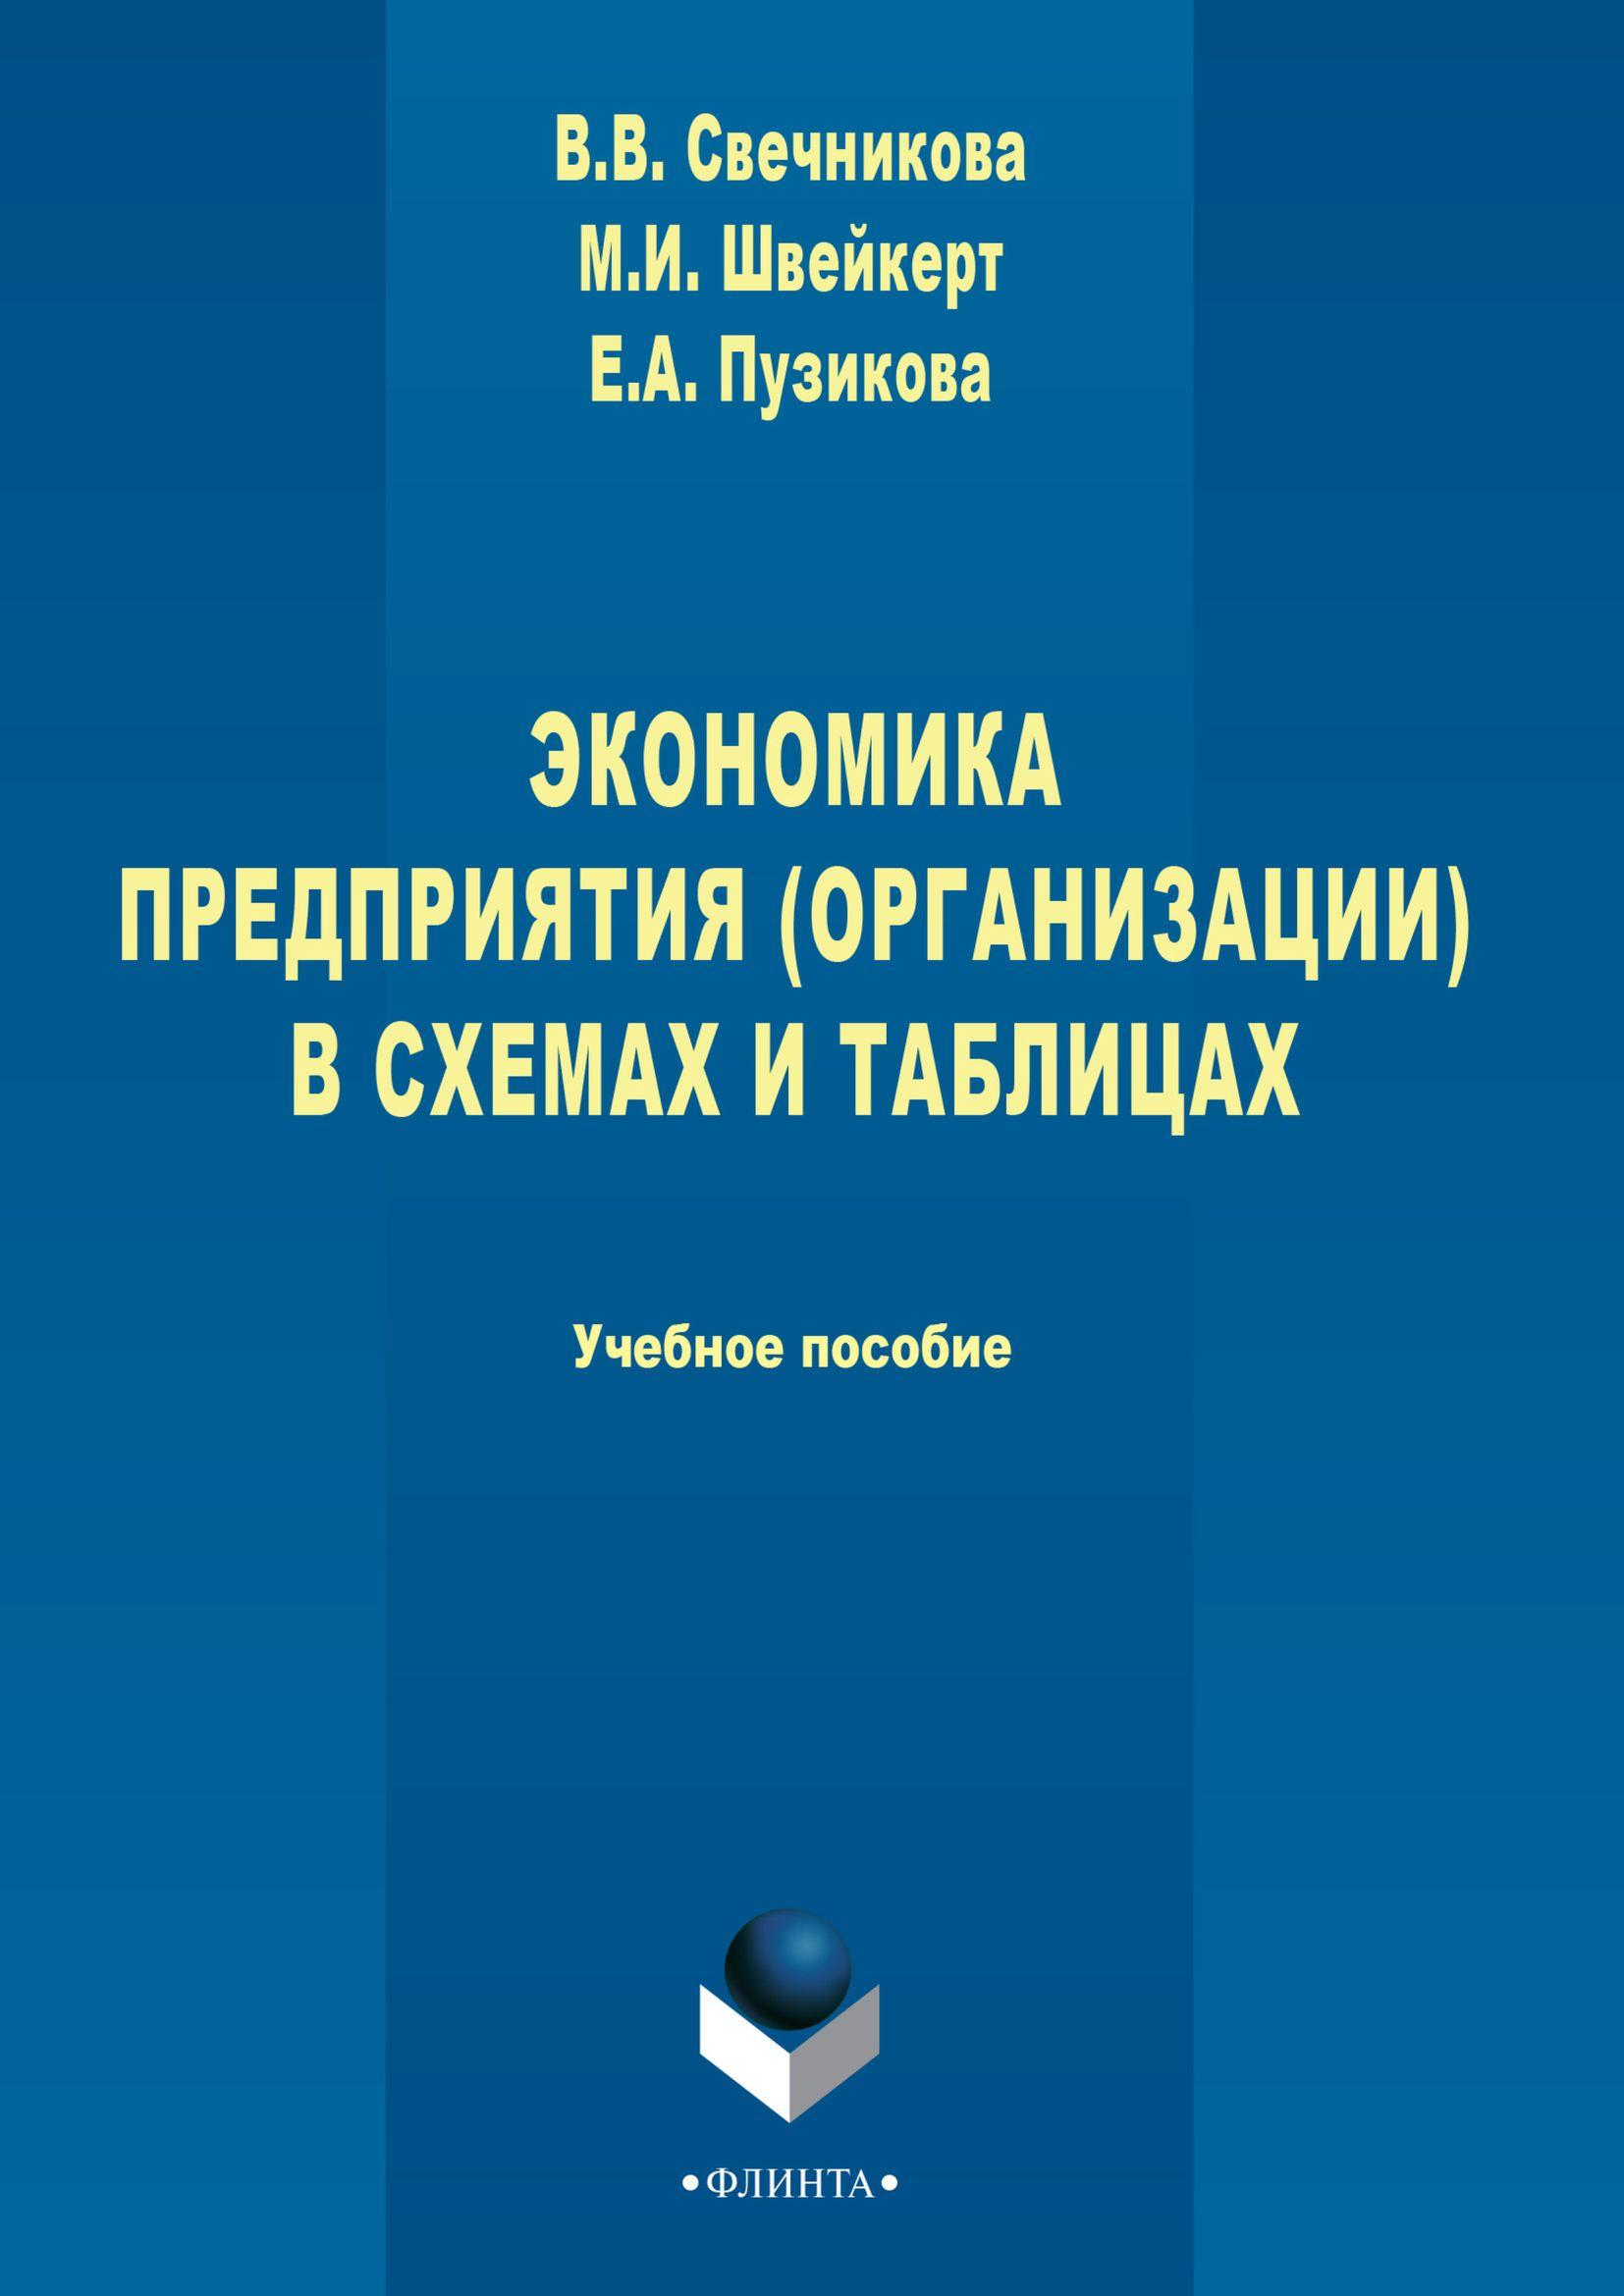 Экономика предприятия (организации) в схемах и таблицах ( Виктория Свечникова  )